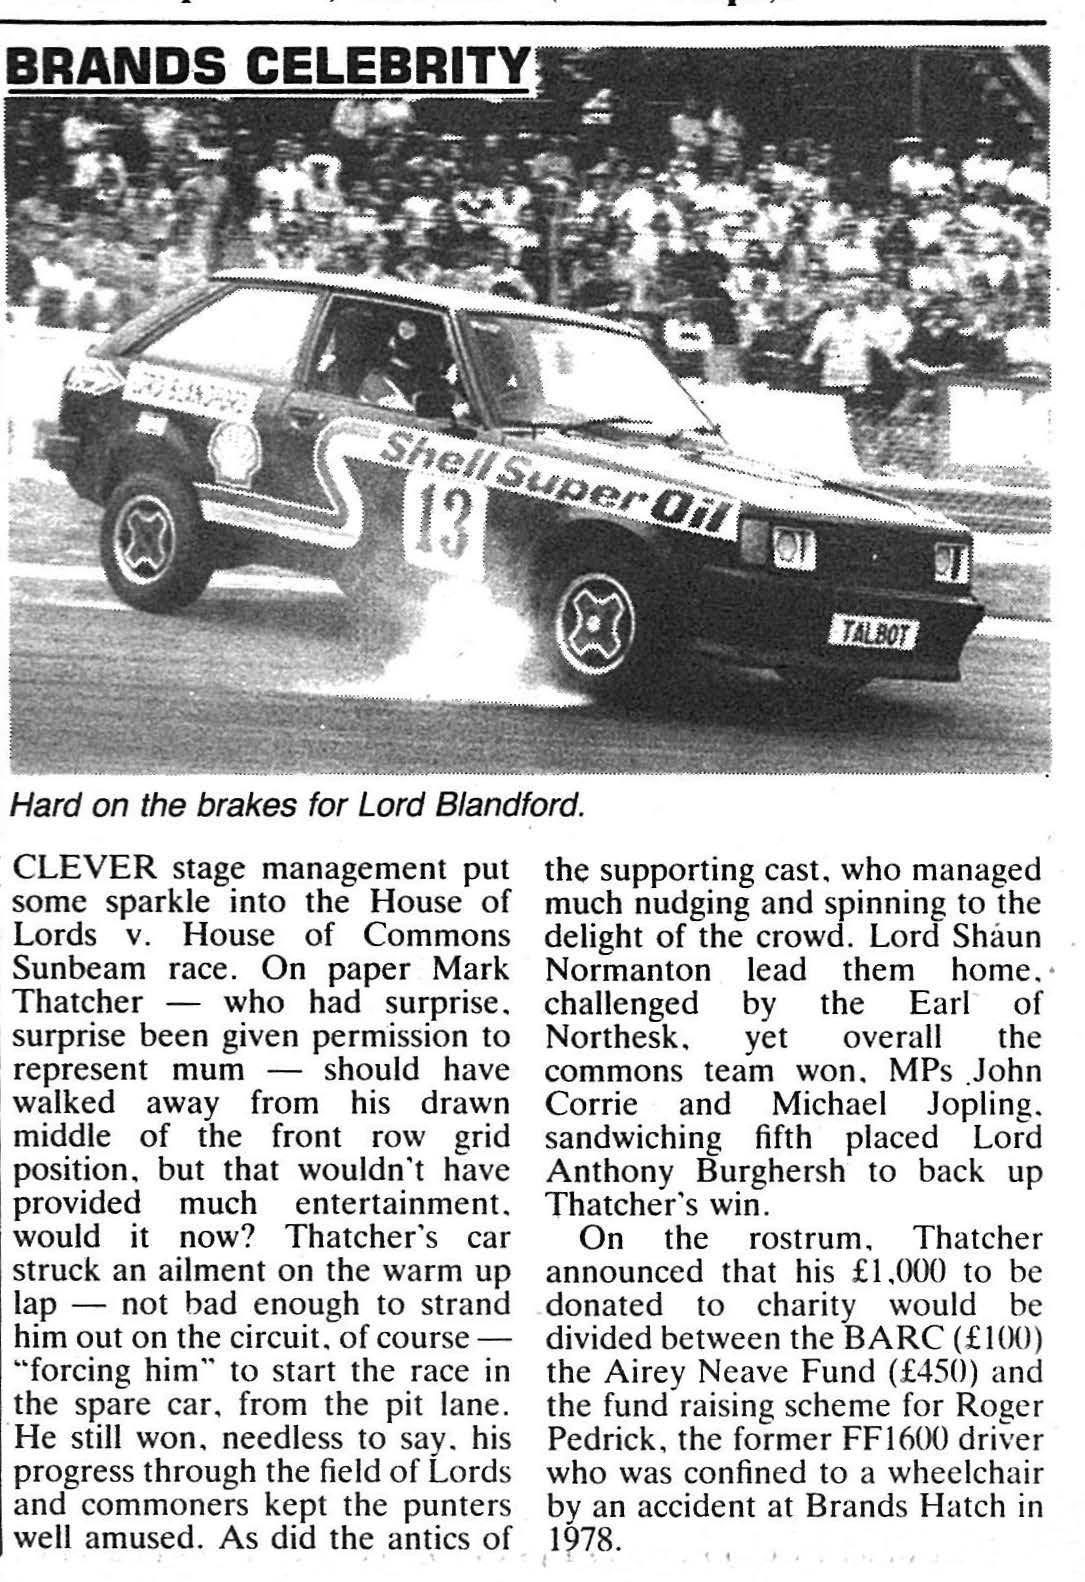 Mark Thatcher-Sunbeam-race-Brands-Hatch-Motoring-News-170780